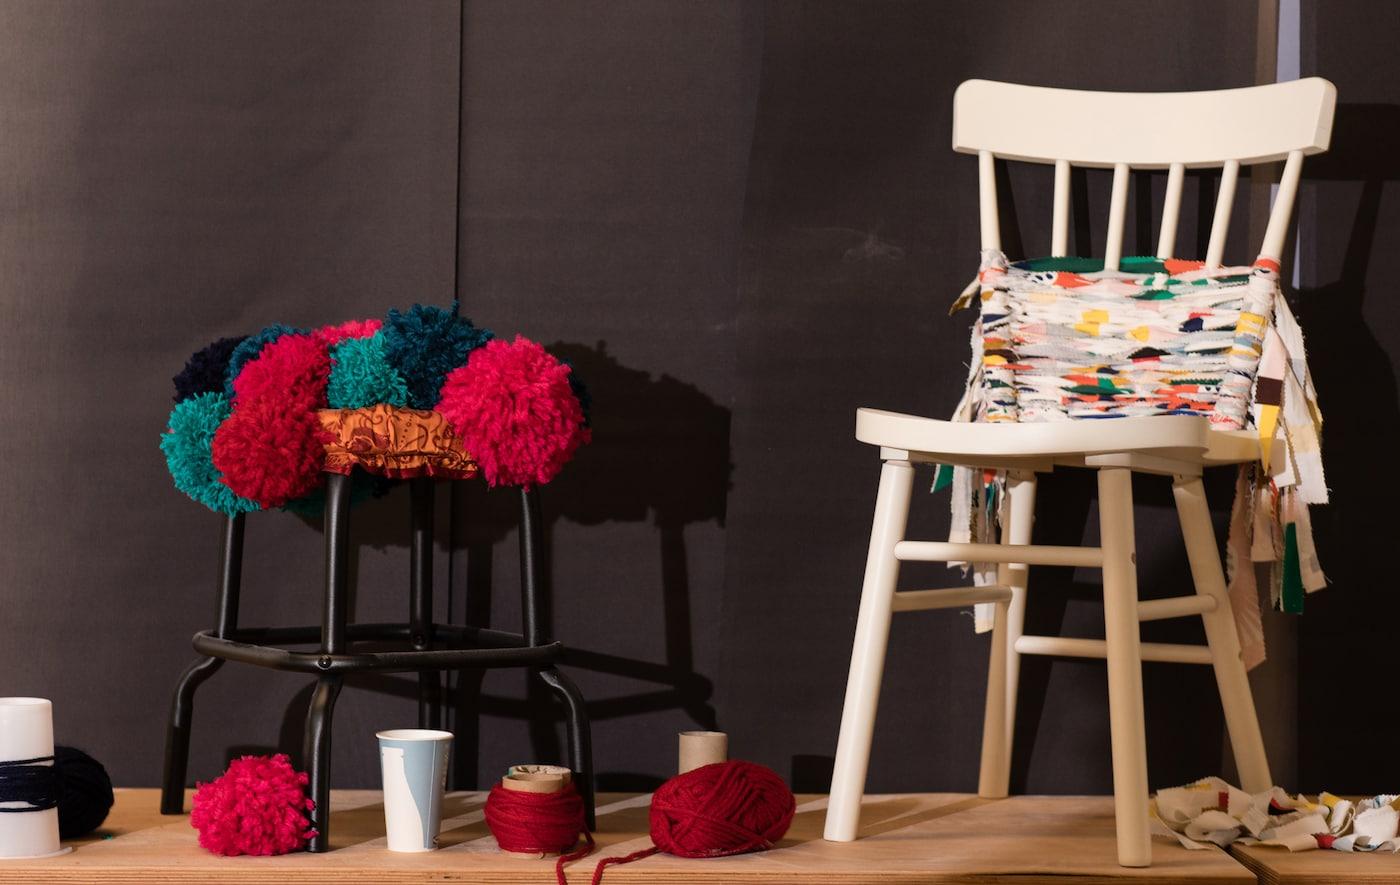 Taburete negro decorado con pompones de lana y una silla blanca decorada con trozos de tela.